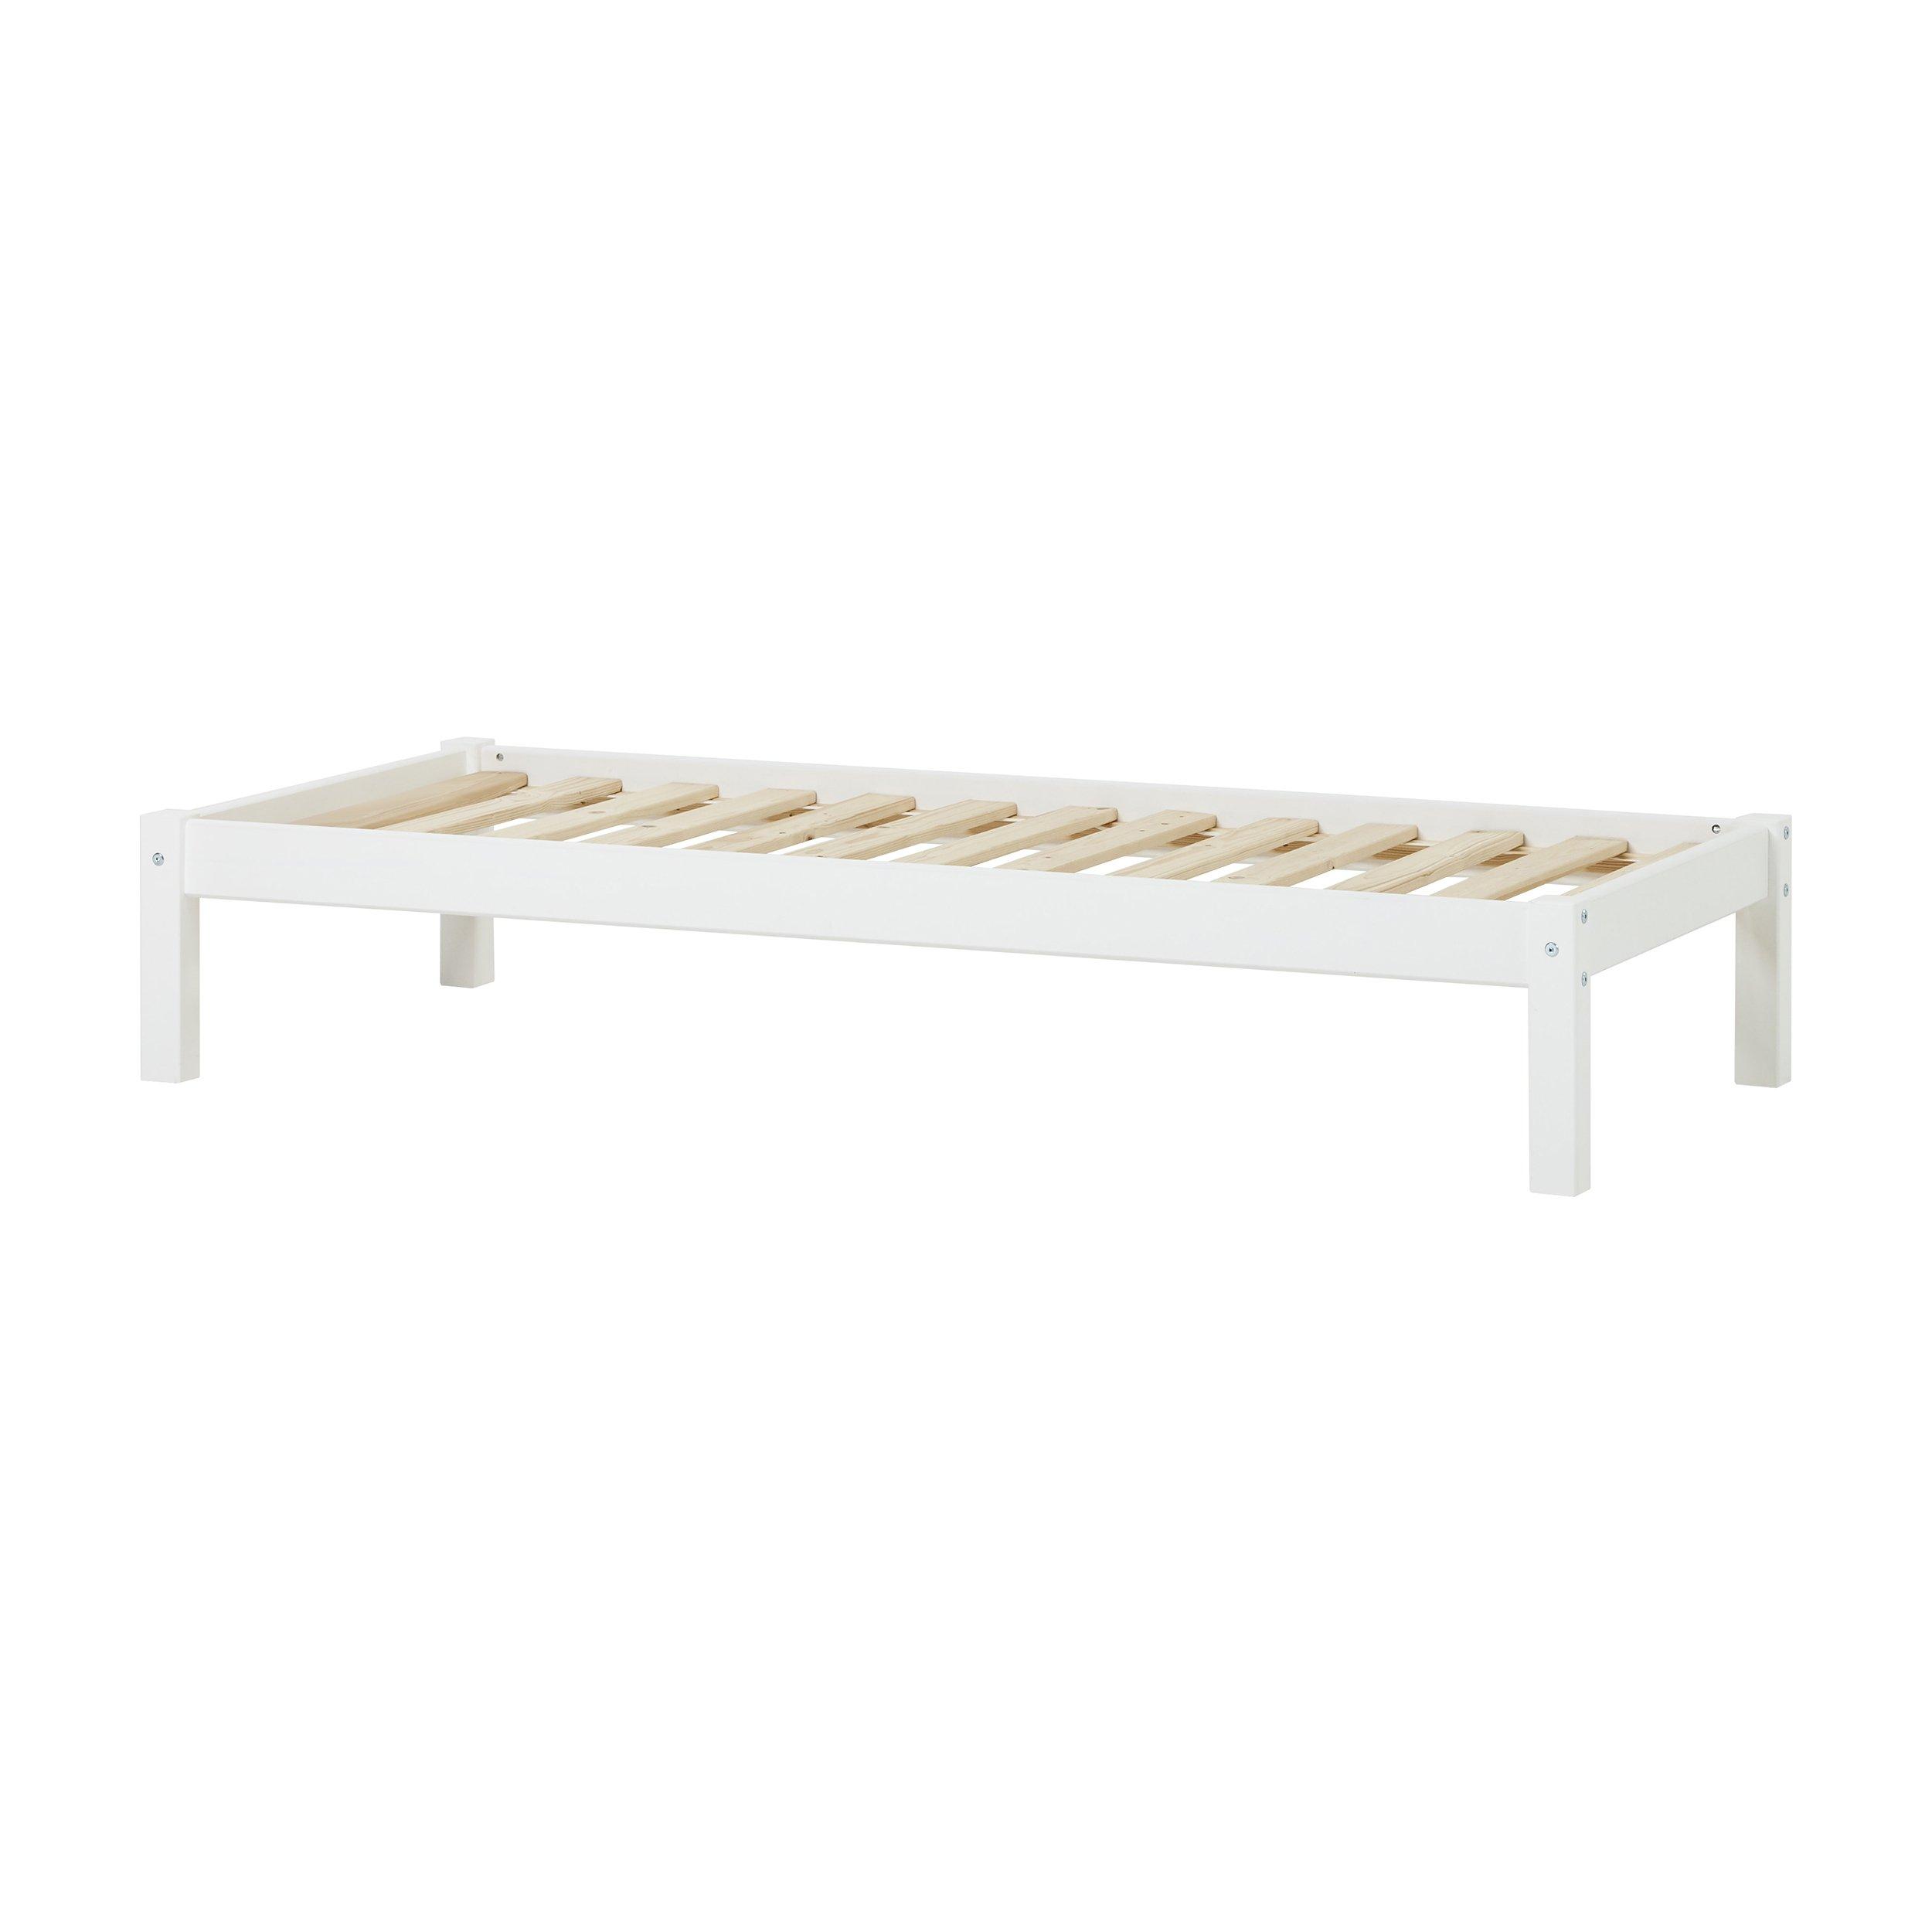 Hoppekids - BASIC Flatbed 70x160 cm